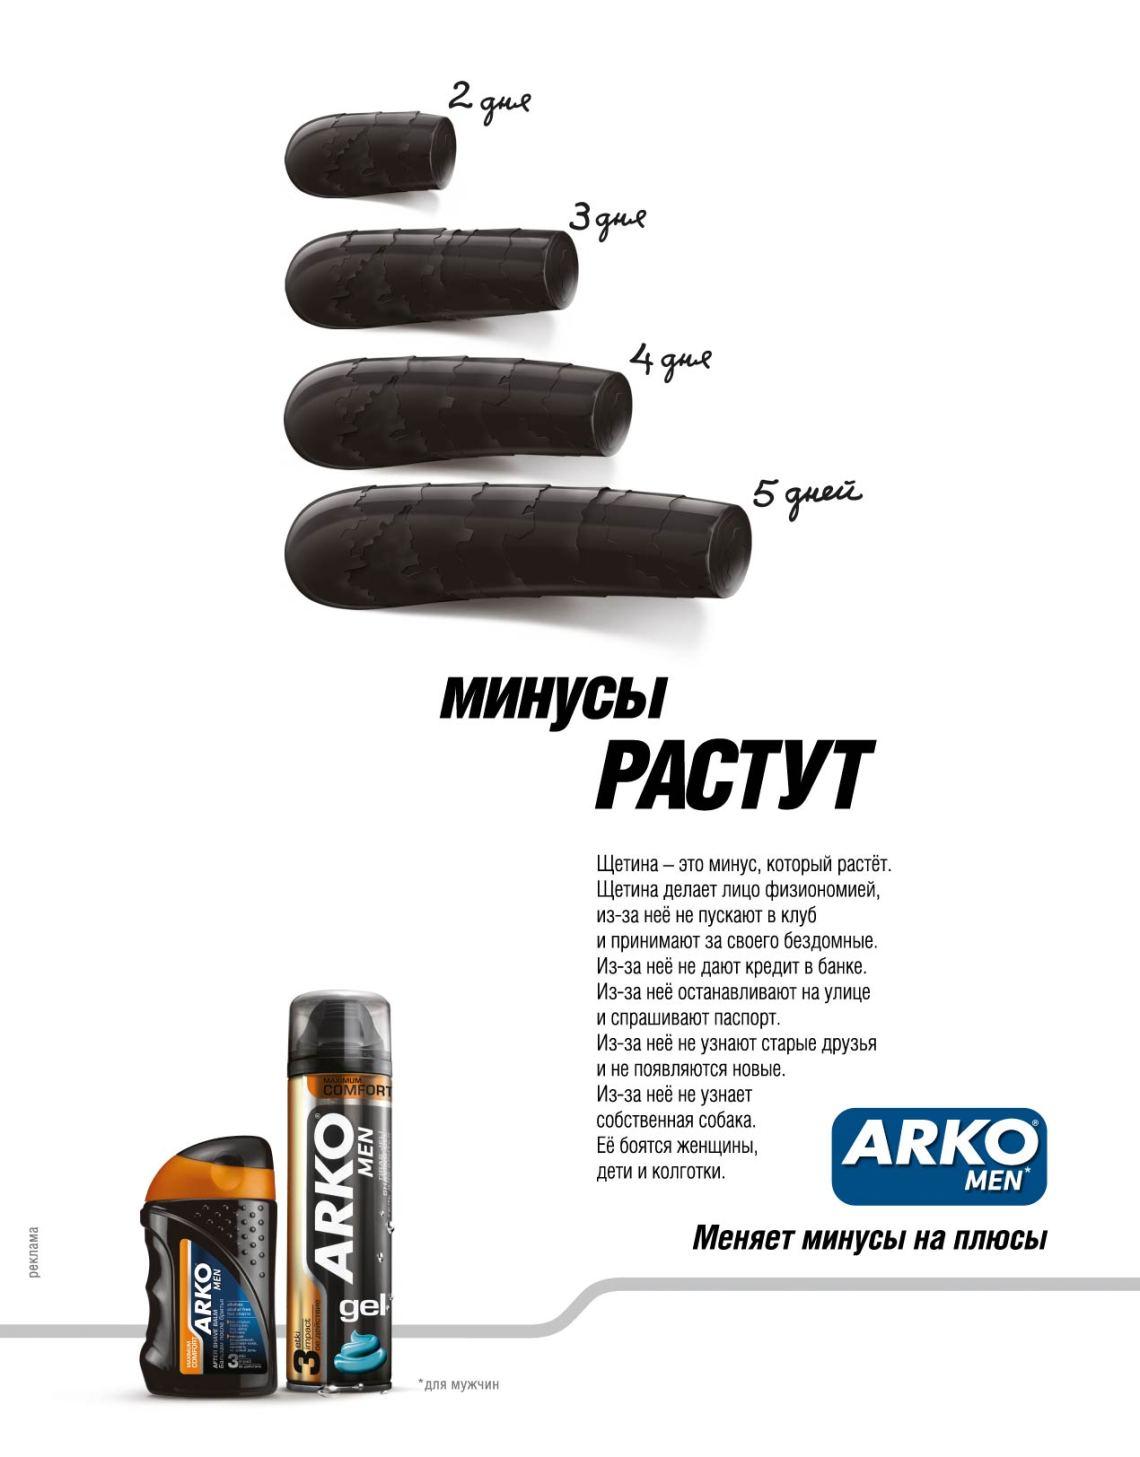 ARKO принт 2